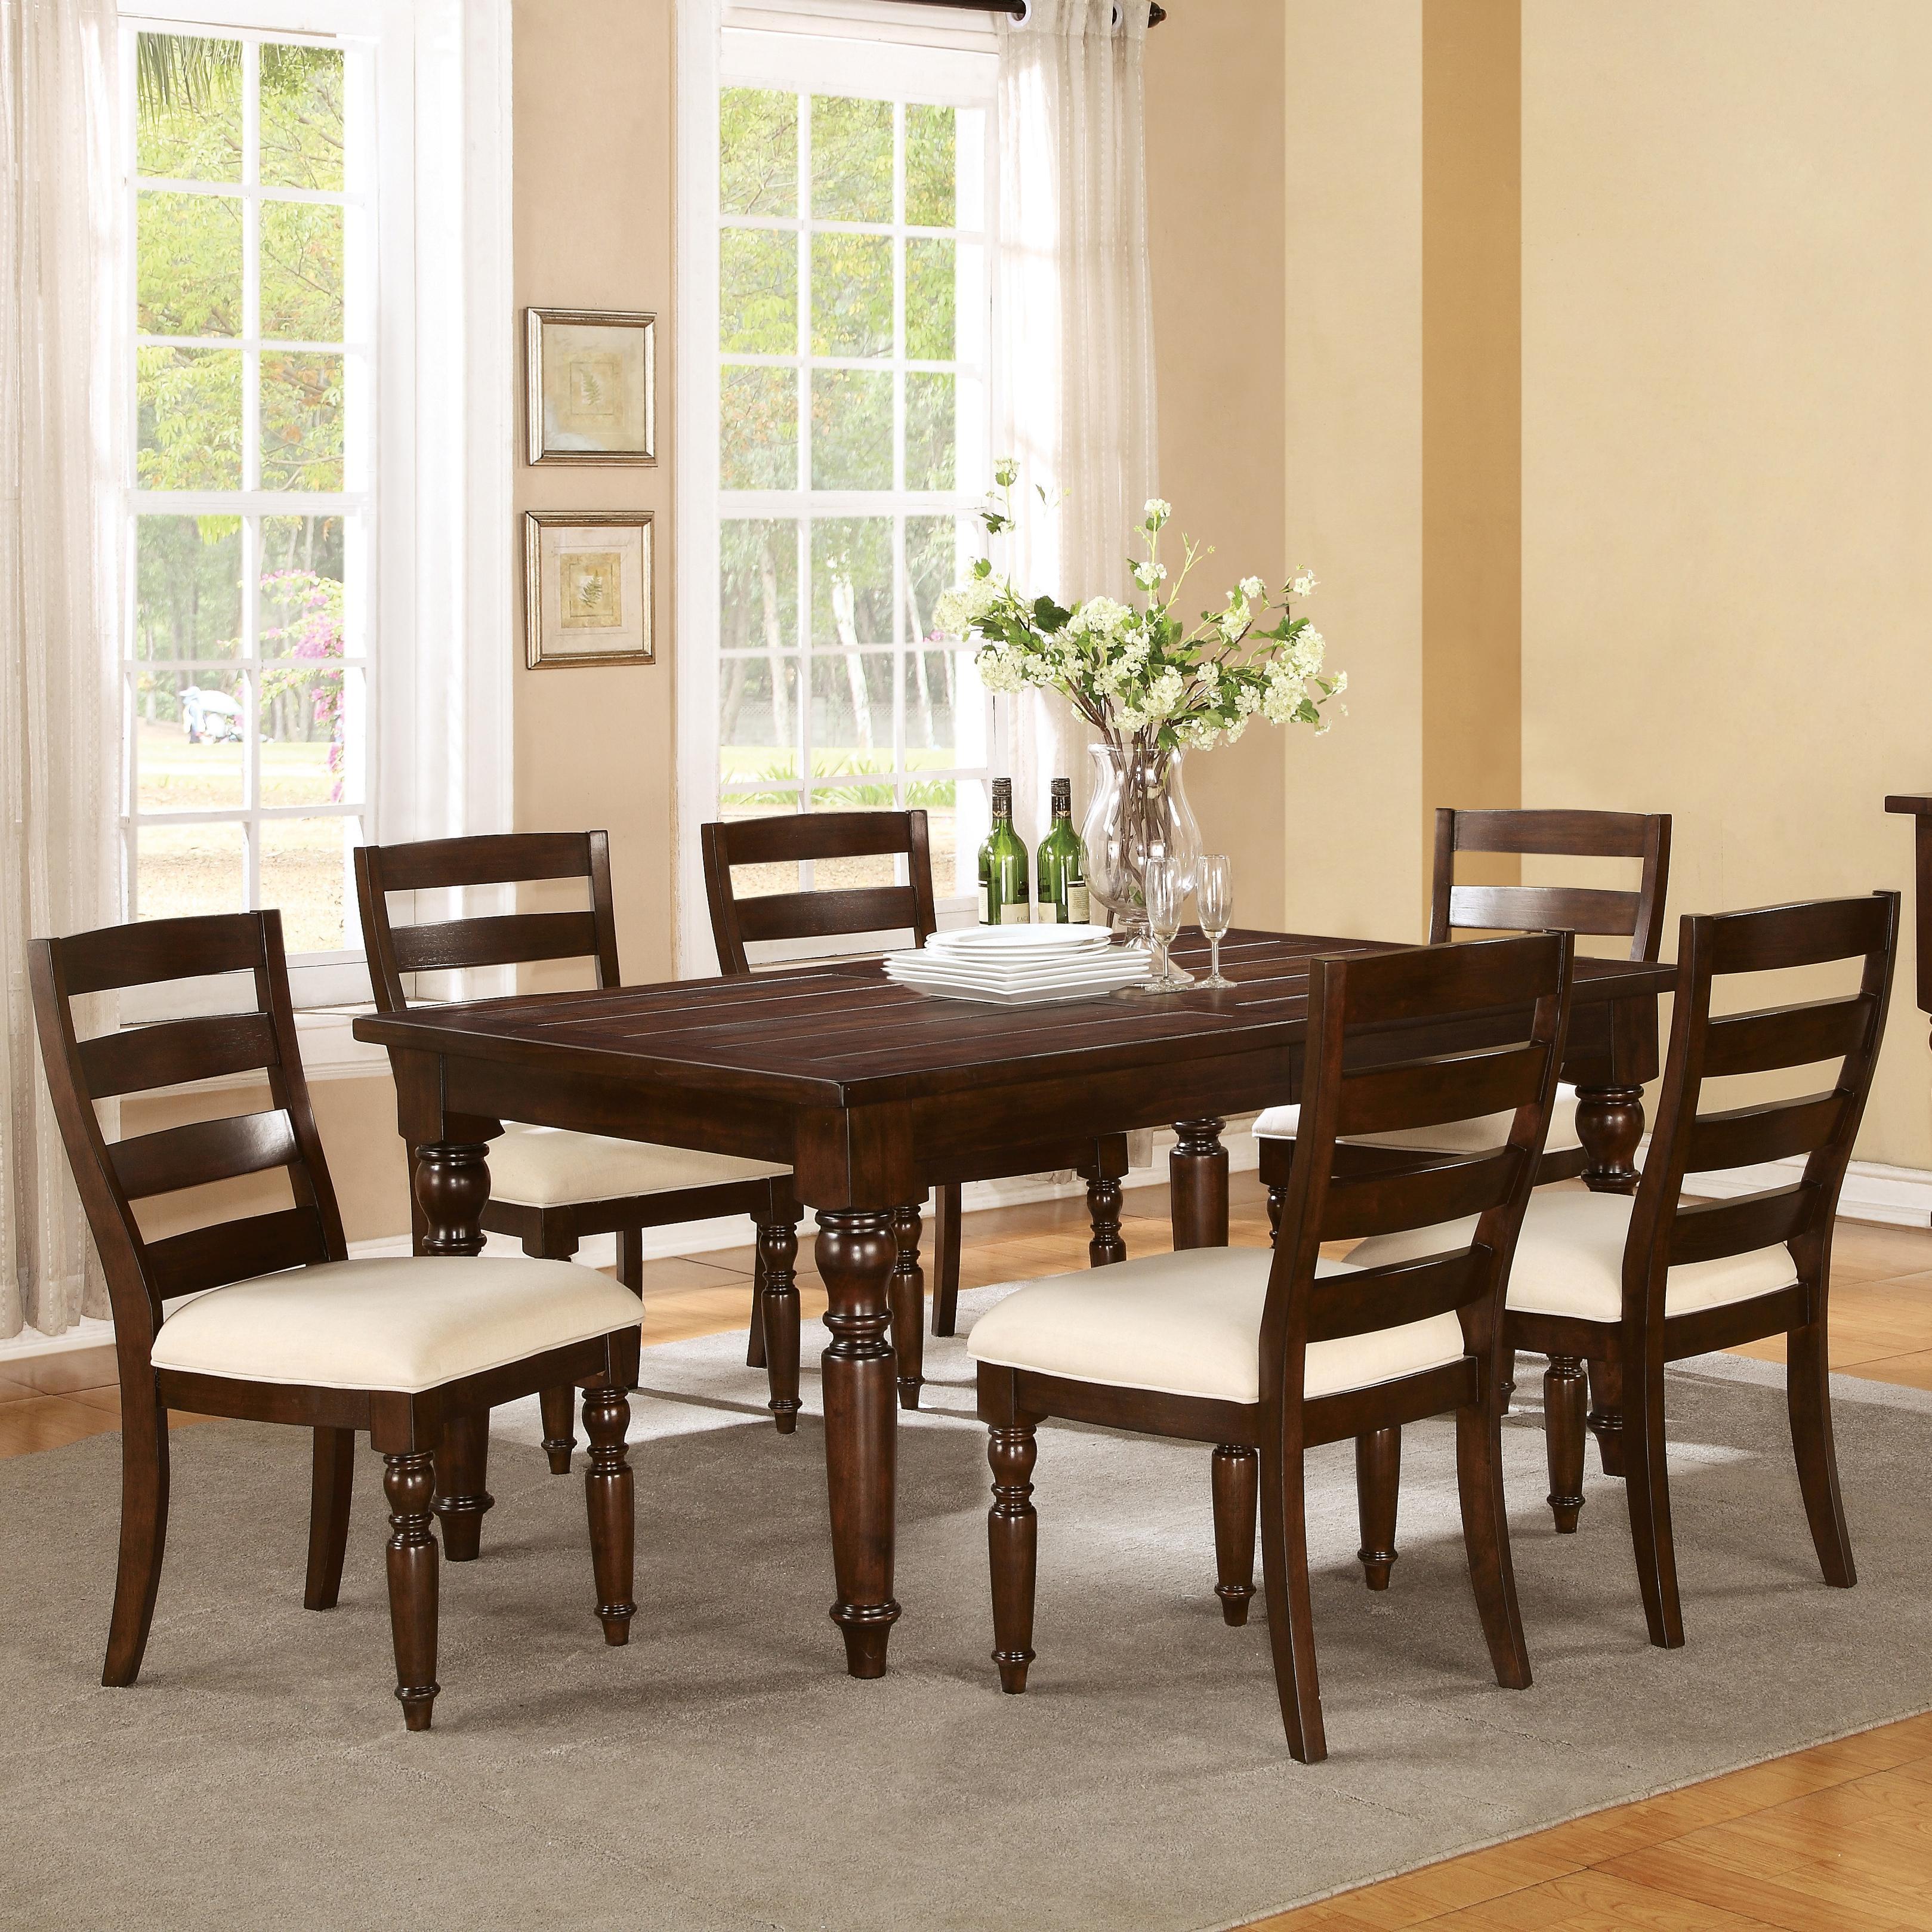 Riverside Furniture Castlewood 7 Piece Dining Set - Item Number: 33590+6x33592